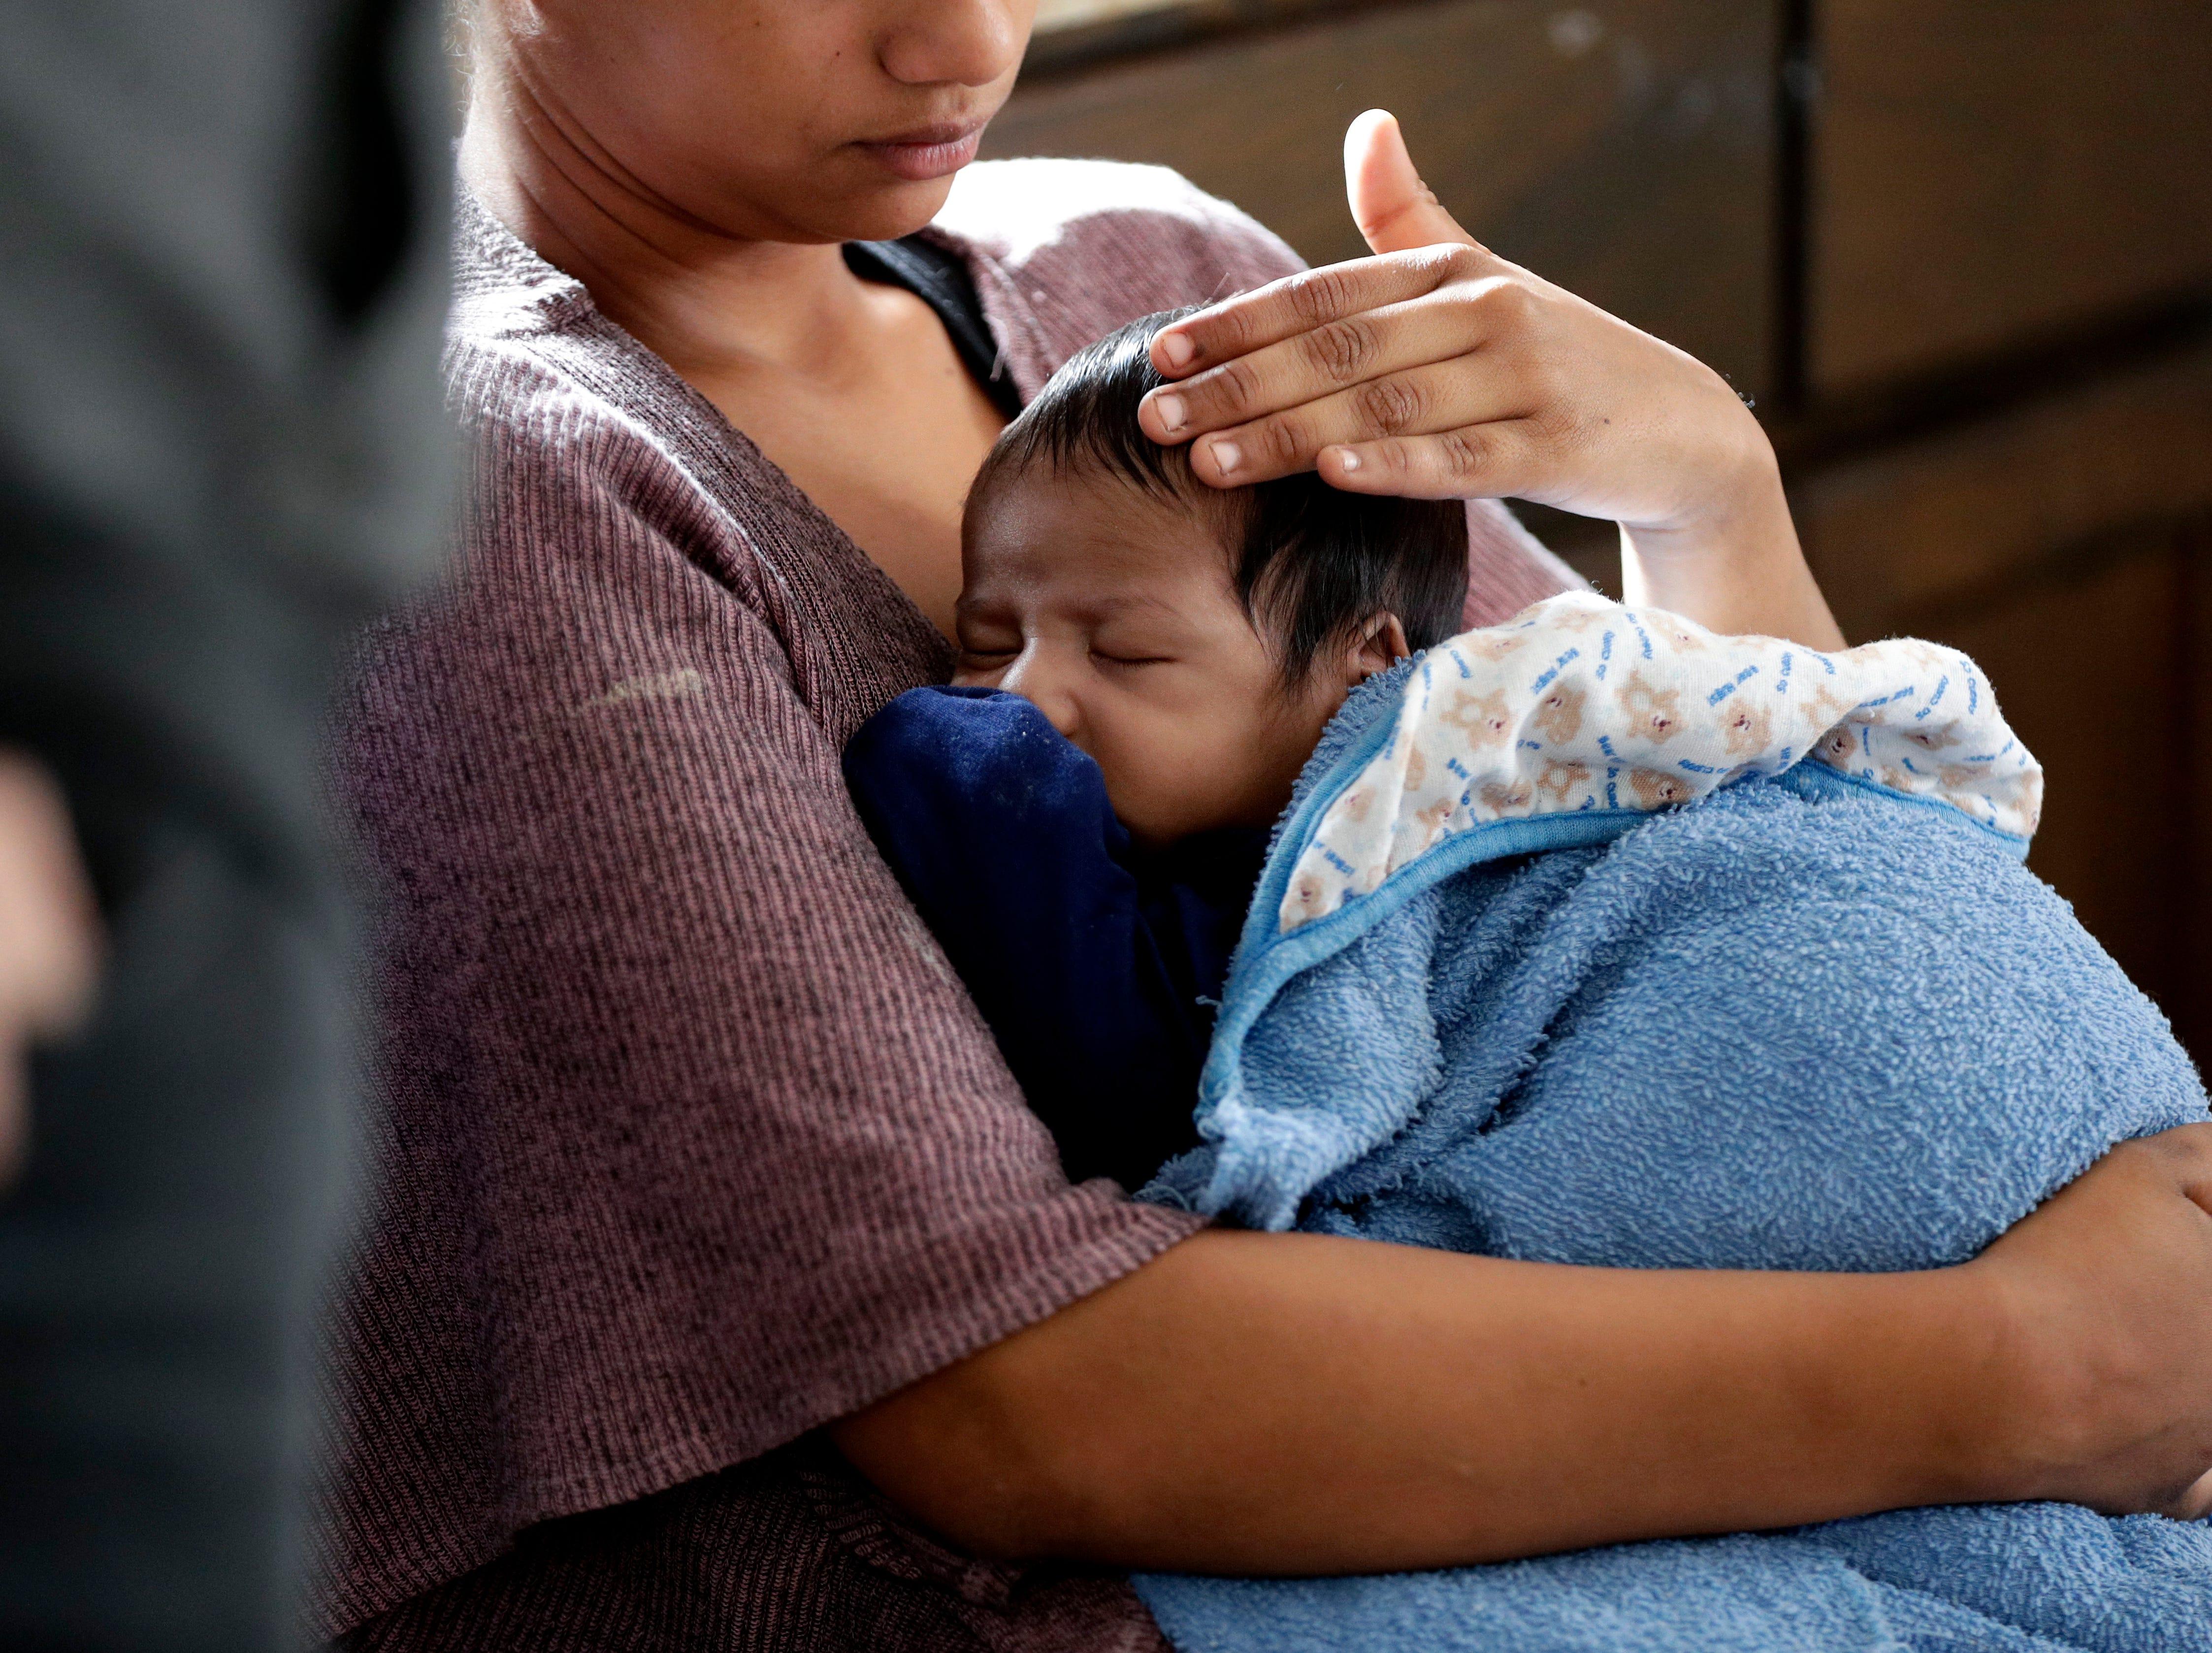 No se han dado a conocer los resultados de las autopsias de Jakelin Caal y Felipe Gómez Alonzo, pero Protección Fronteriza dijo que ambos sufrían de fiebre alta y náuseas cuando fueron hospitalizados.